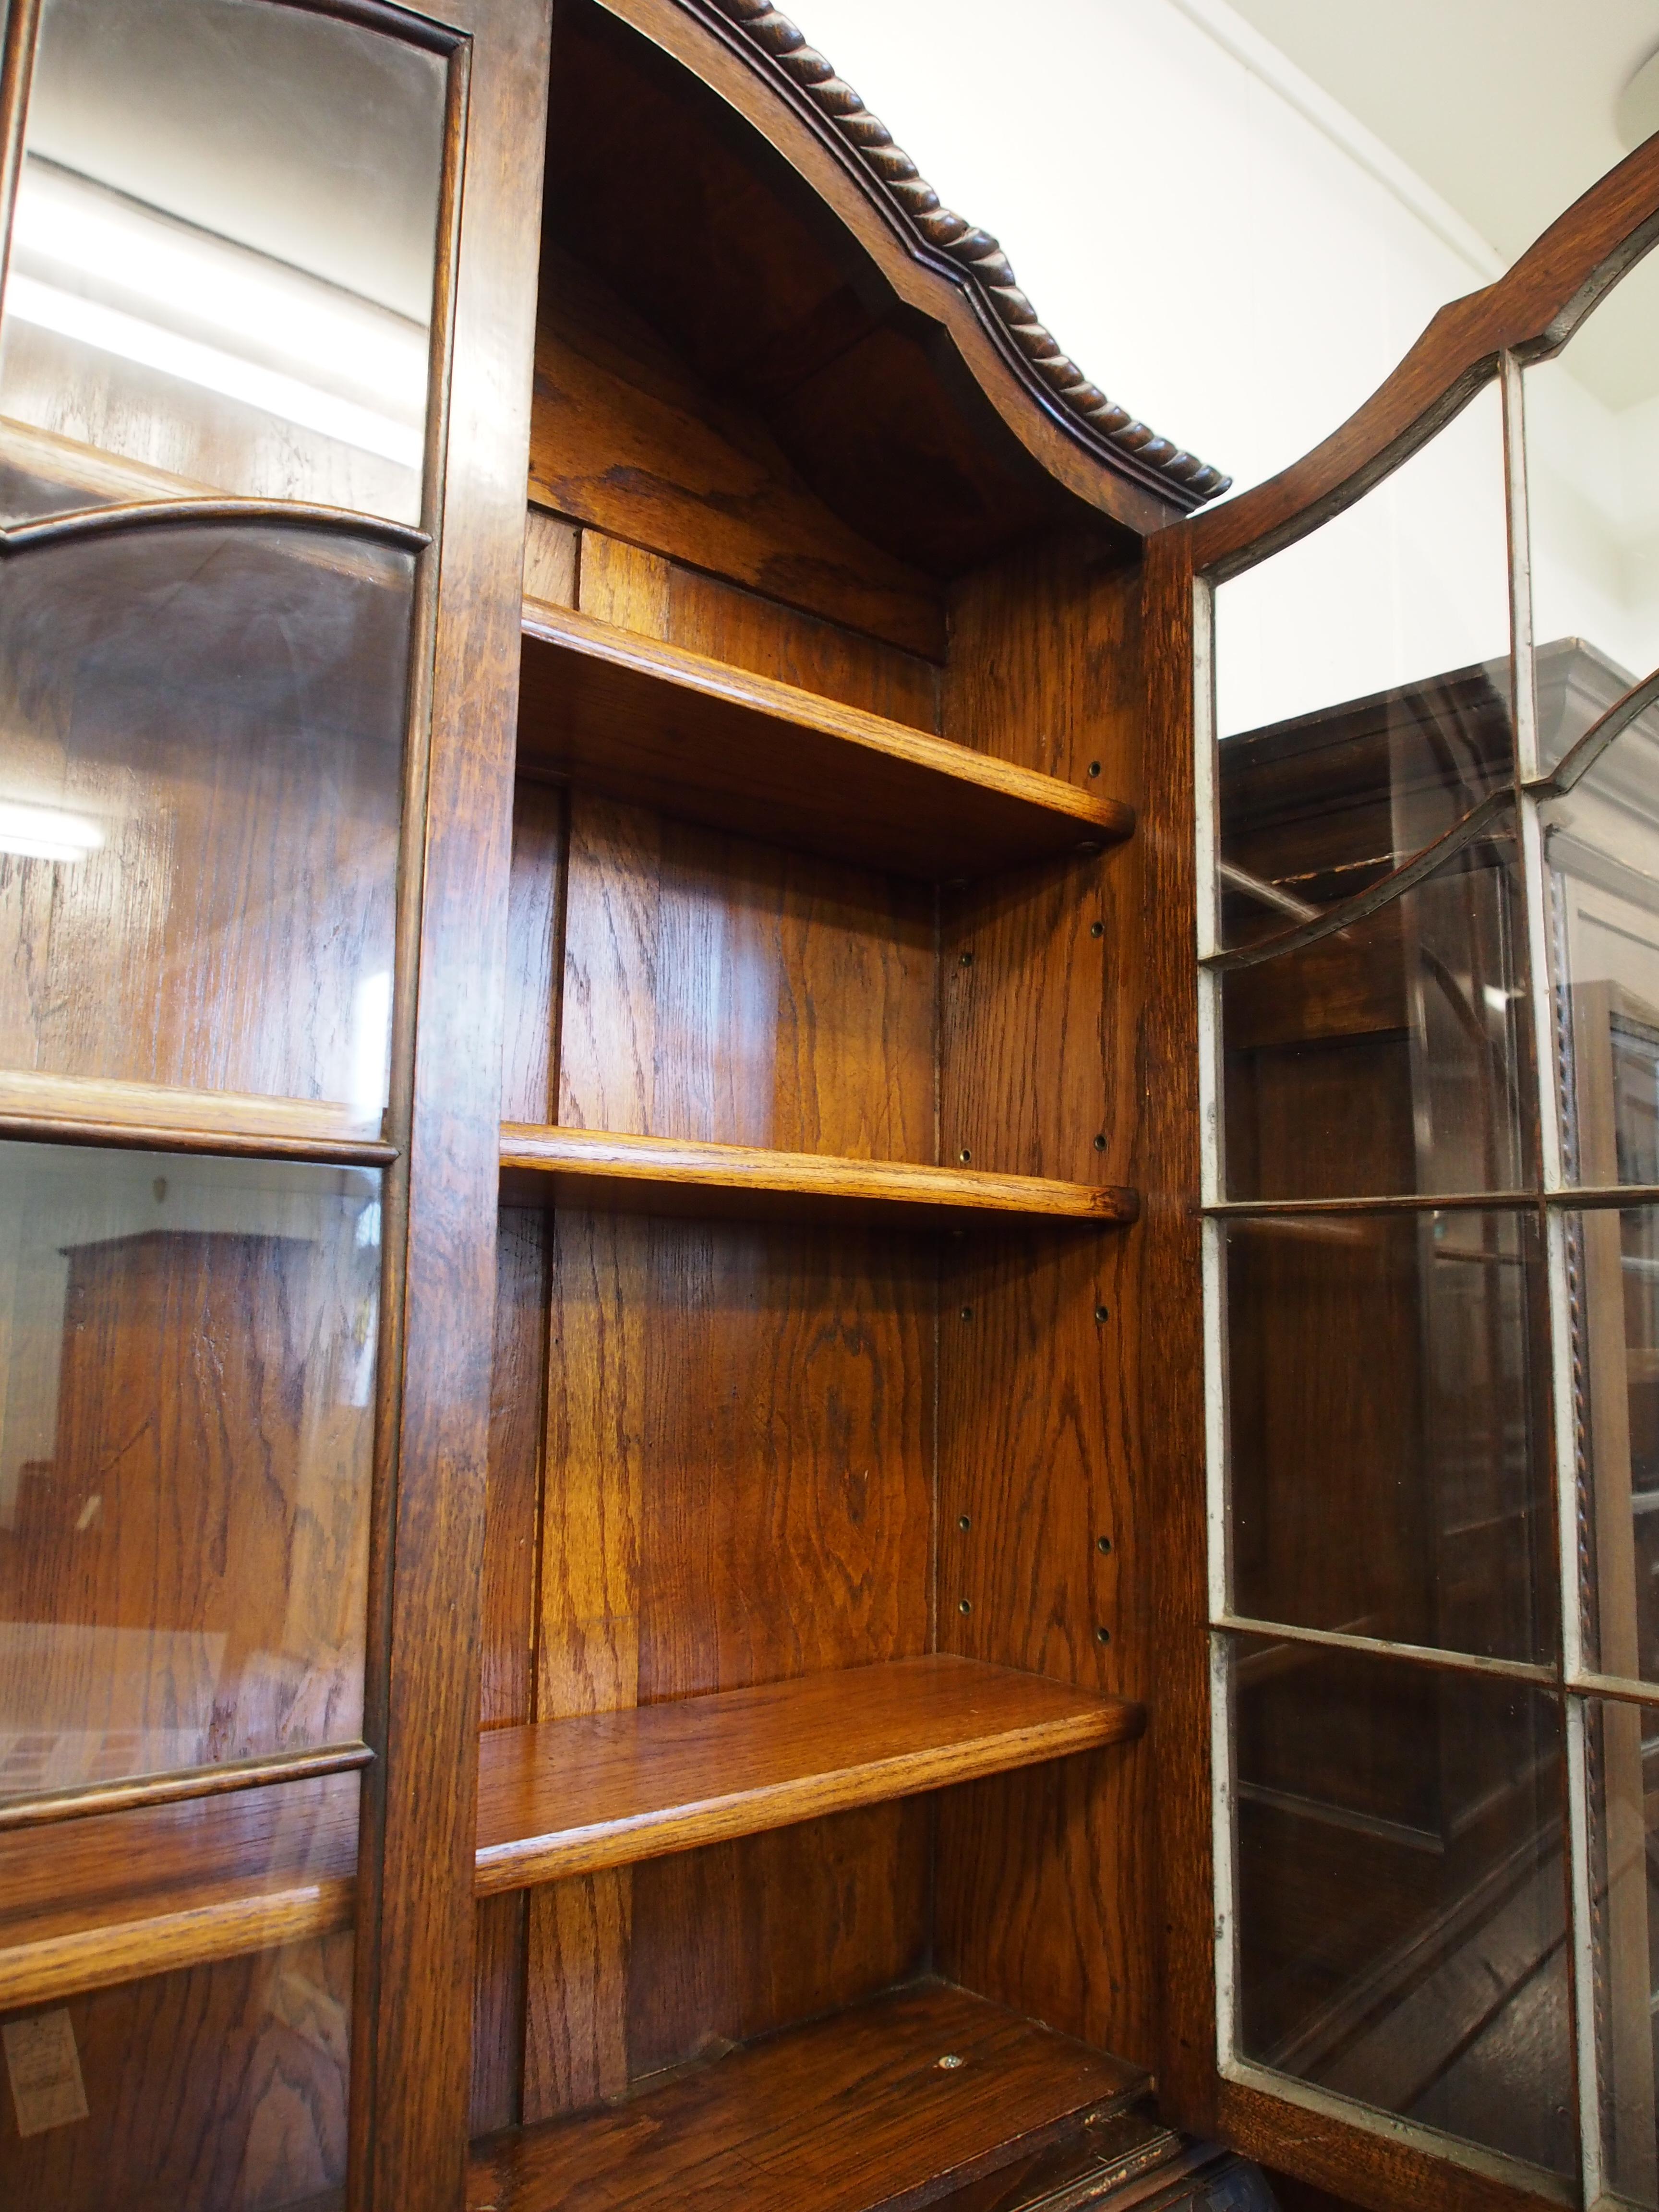 アンティーク家具 箕面 ビューロー ブックケース キャビネット カップボード 本棚 収納 オーク ジョージアンスタイル ヴィンテージ家具  ビンテージ家具 イギリスアンティーク家具 英国家具 イギリス家具 antique antiquefurnuture